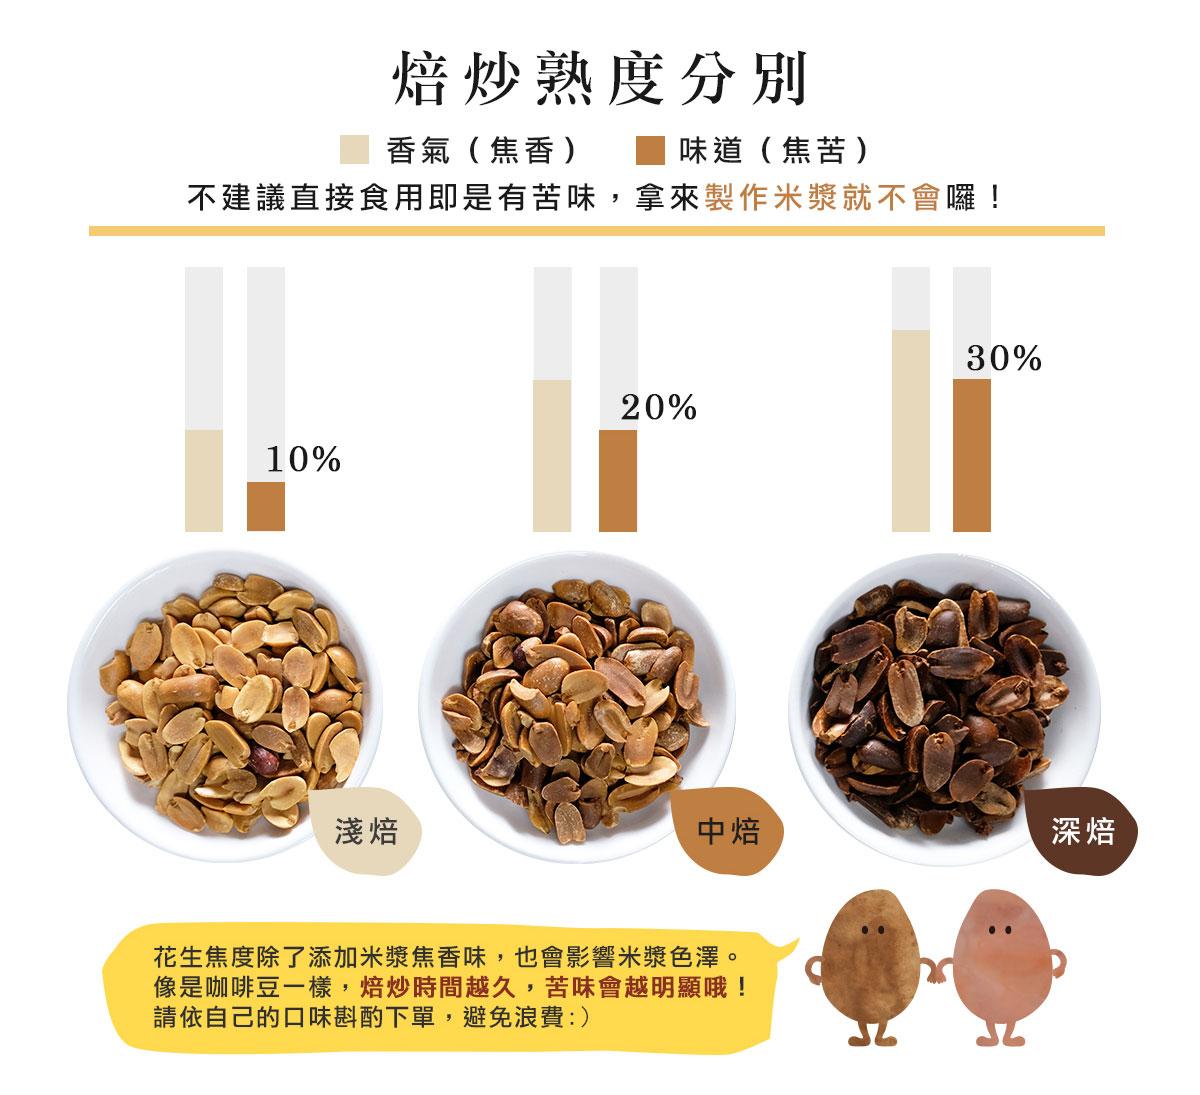 米漿花生焙炒熟度分別:花生焦度除了香味,也會影響米漿色澤。像是咖啡豆一樣,焙炒時間越久,苦味會越明顯哦! 請依自己的口味斟酌下單,避免浪費:)